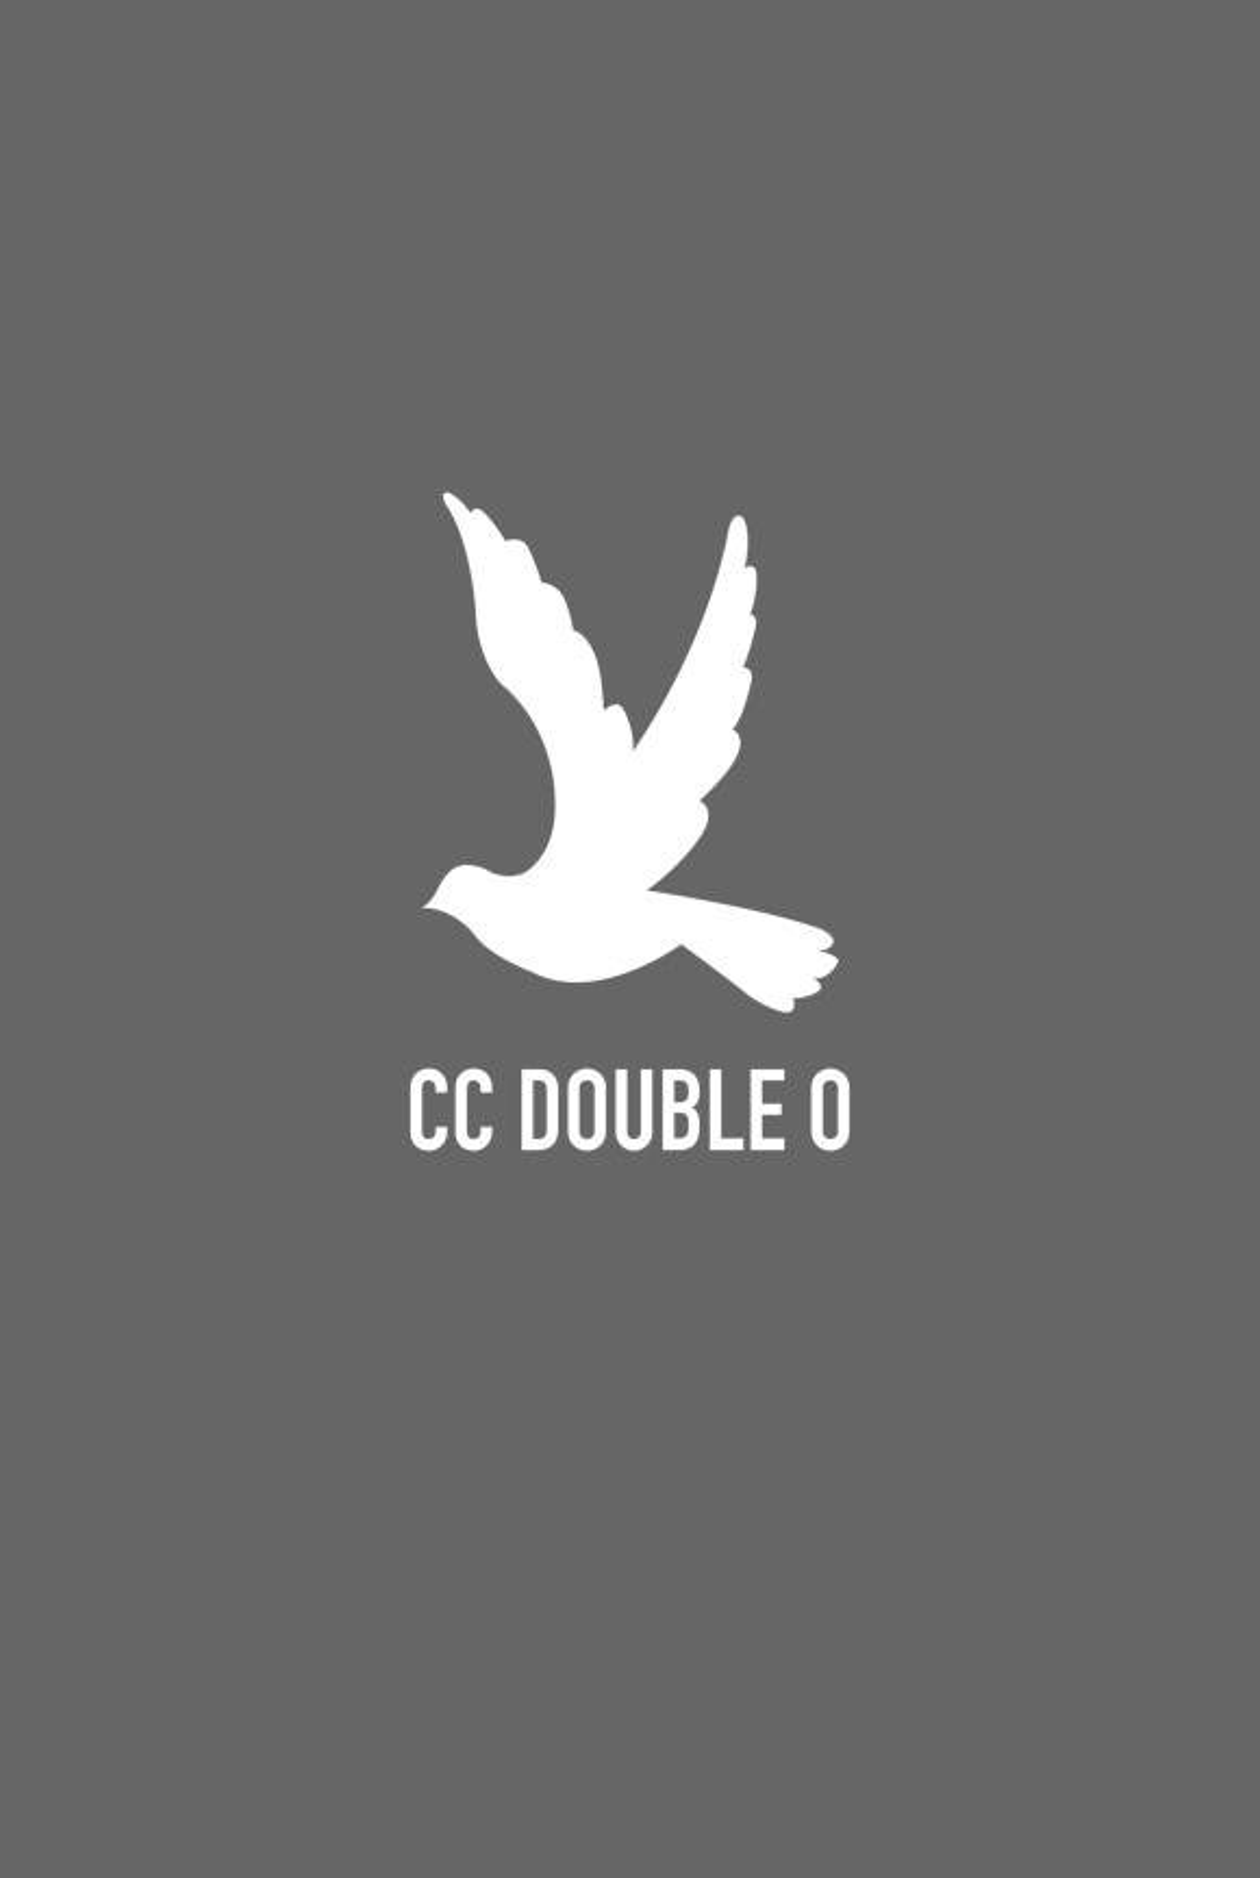 เสื้อแจ็คเก็ตยีนส์พิมพ์ลาย CC DOUBLE O ทั่วตัว